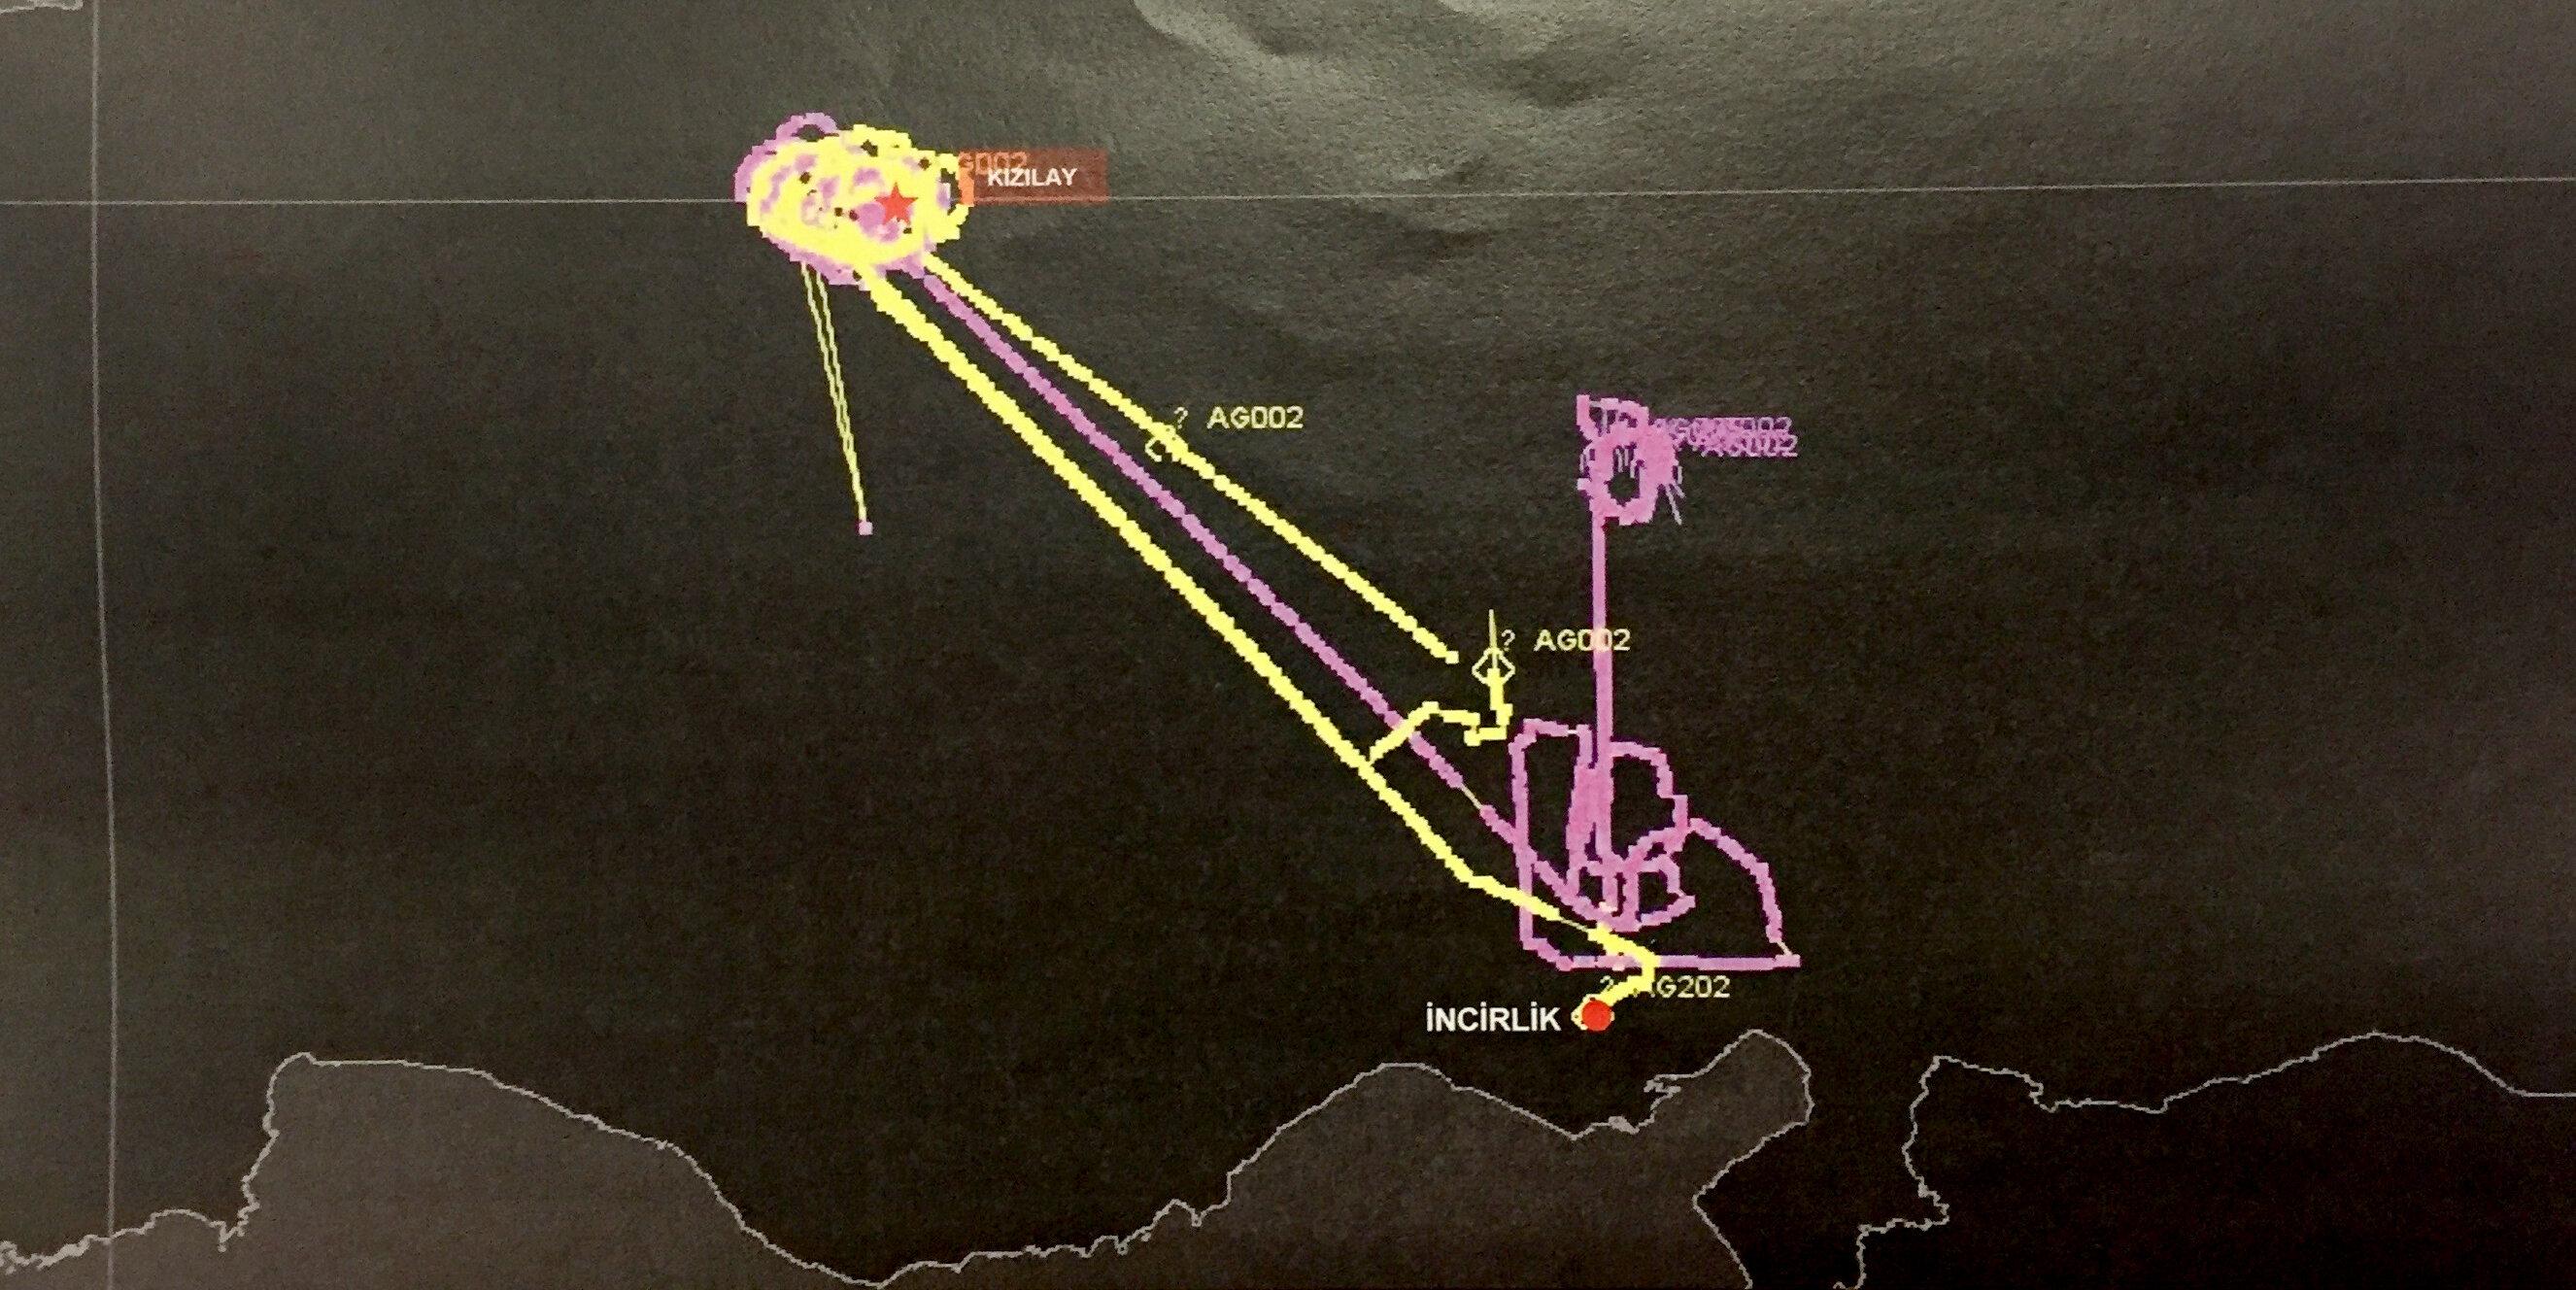 Radar izlerine göre, darbe girişimi gecesi İncirlik üzerinde de yoğun bir hava trafiği tespit ediliyor. Buradan kalkan tanker uçaklar, darbecilerin kullandığı savaş uçaklarına yakıt ikmali yaptıkları tespit edilmişti.